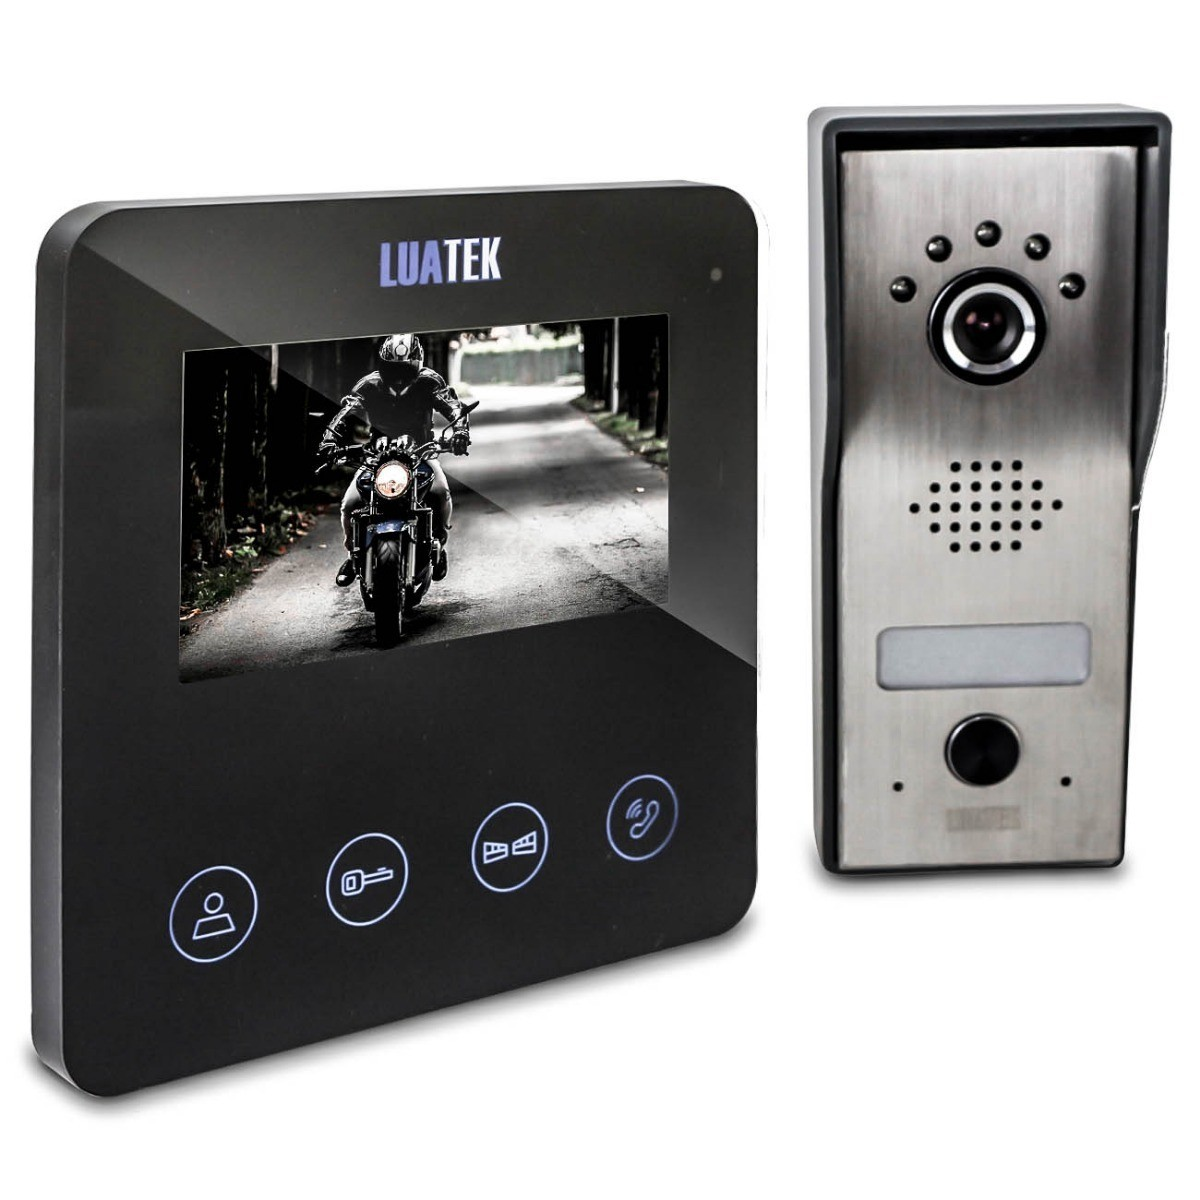 Video Porteiro Eletrônico Interfone 4.3 Touch Visão Noturna Luatek  - Wtech vendas e Assistência técnica